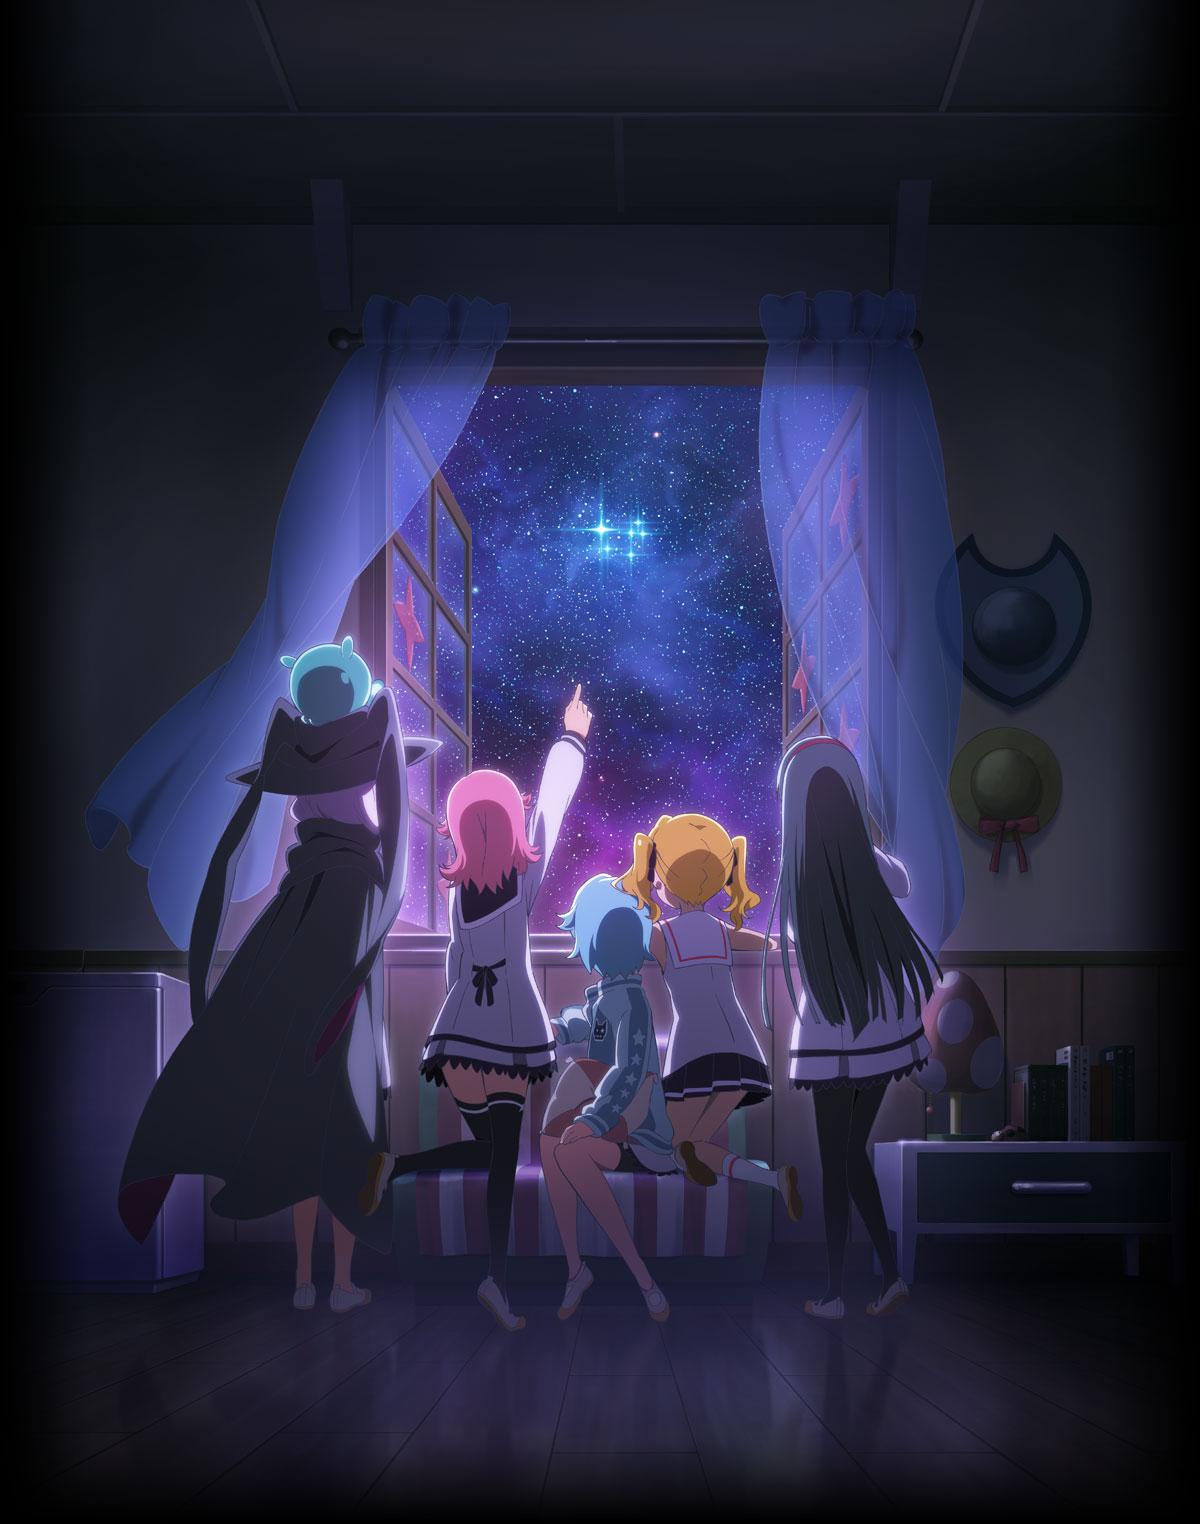 Houkago no Pleiades anime key visual haruhichan.com wish upon the pleiades key visual